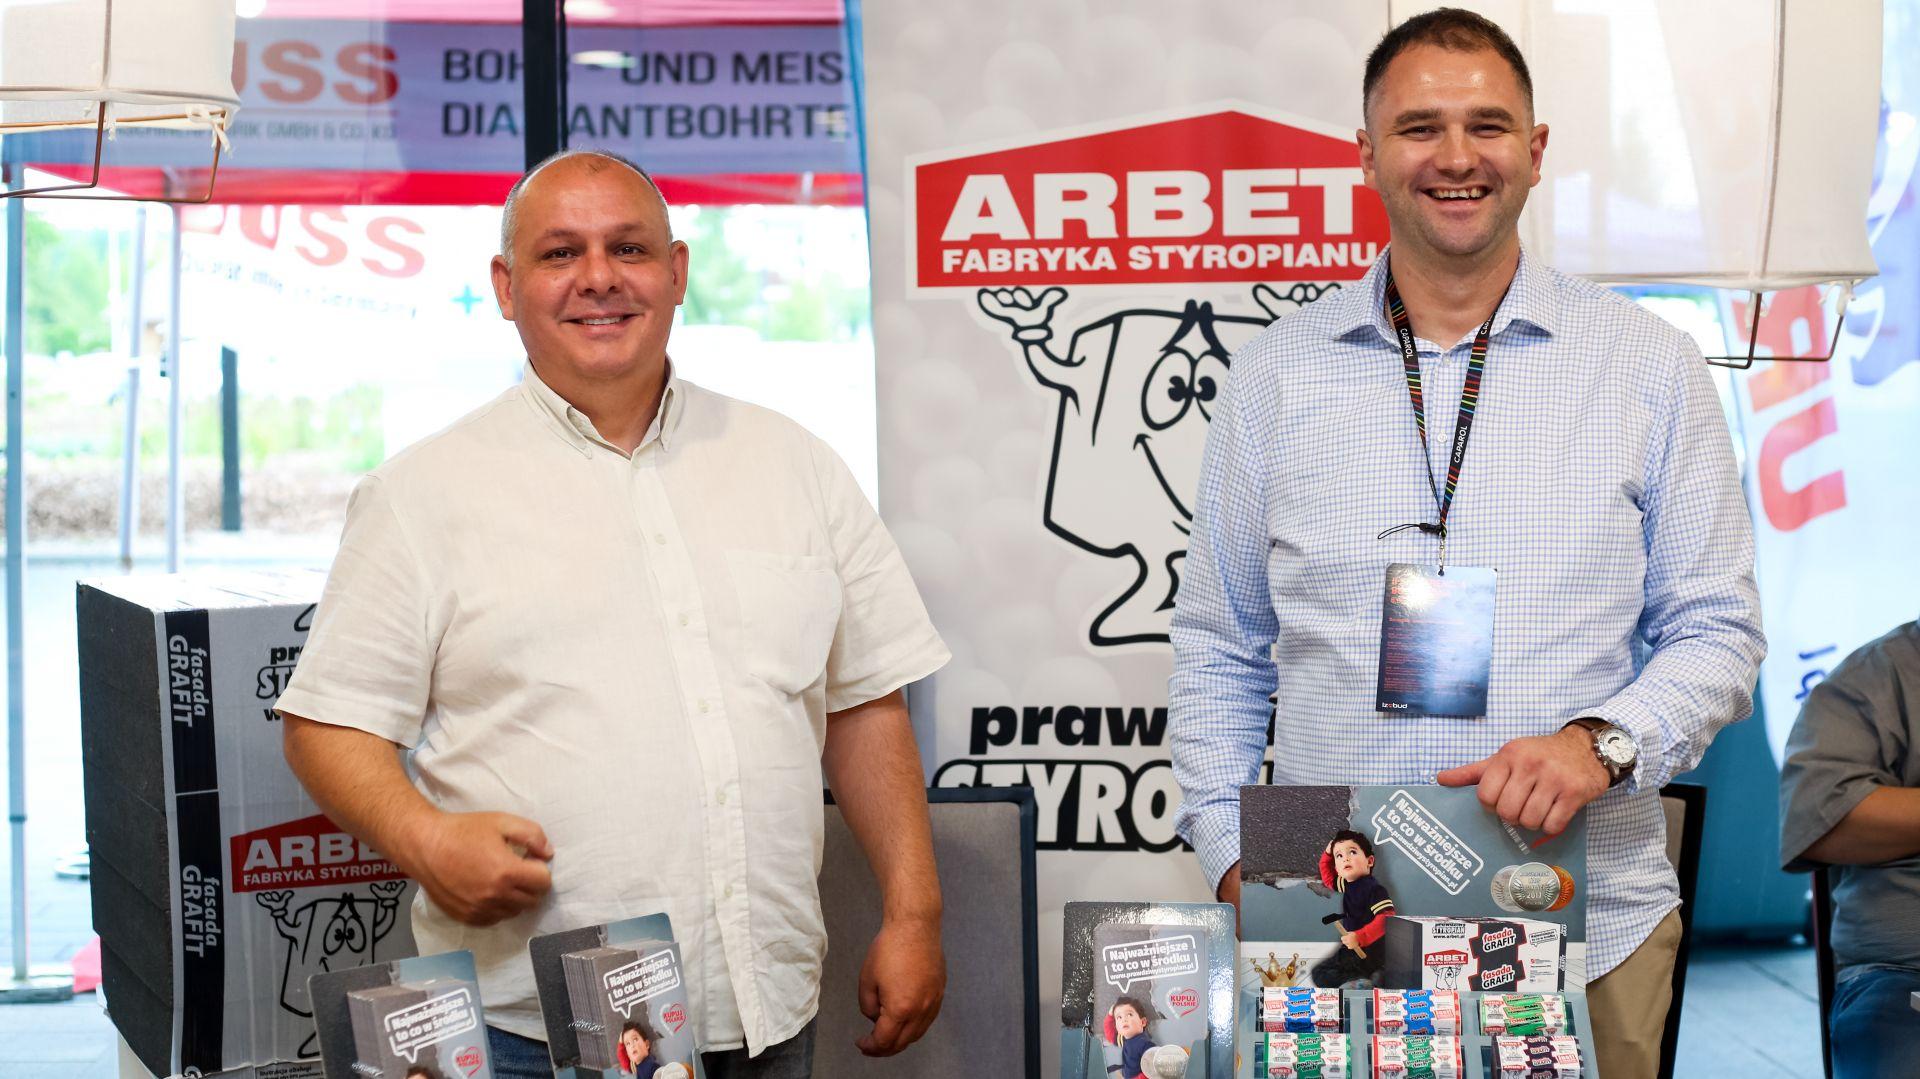 FS ARBET uczestniczy w wydarzeniach takich jak targi czy konferencje, zdobywają tym samym nowe możliwości szerzenia wiedzy również o Programie